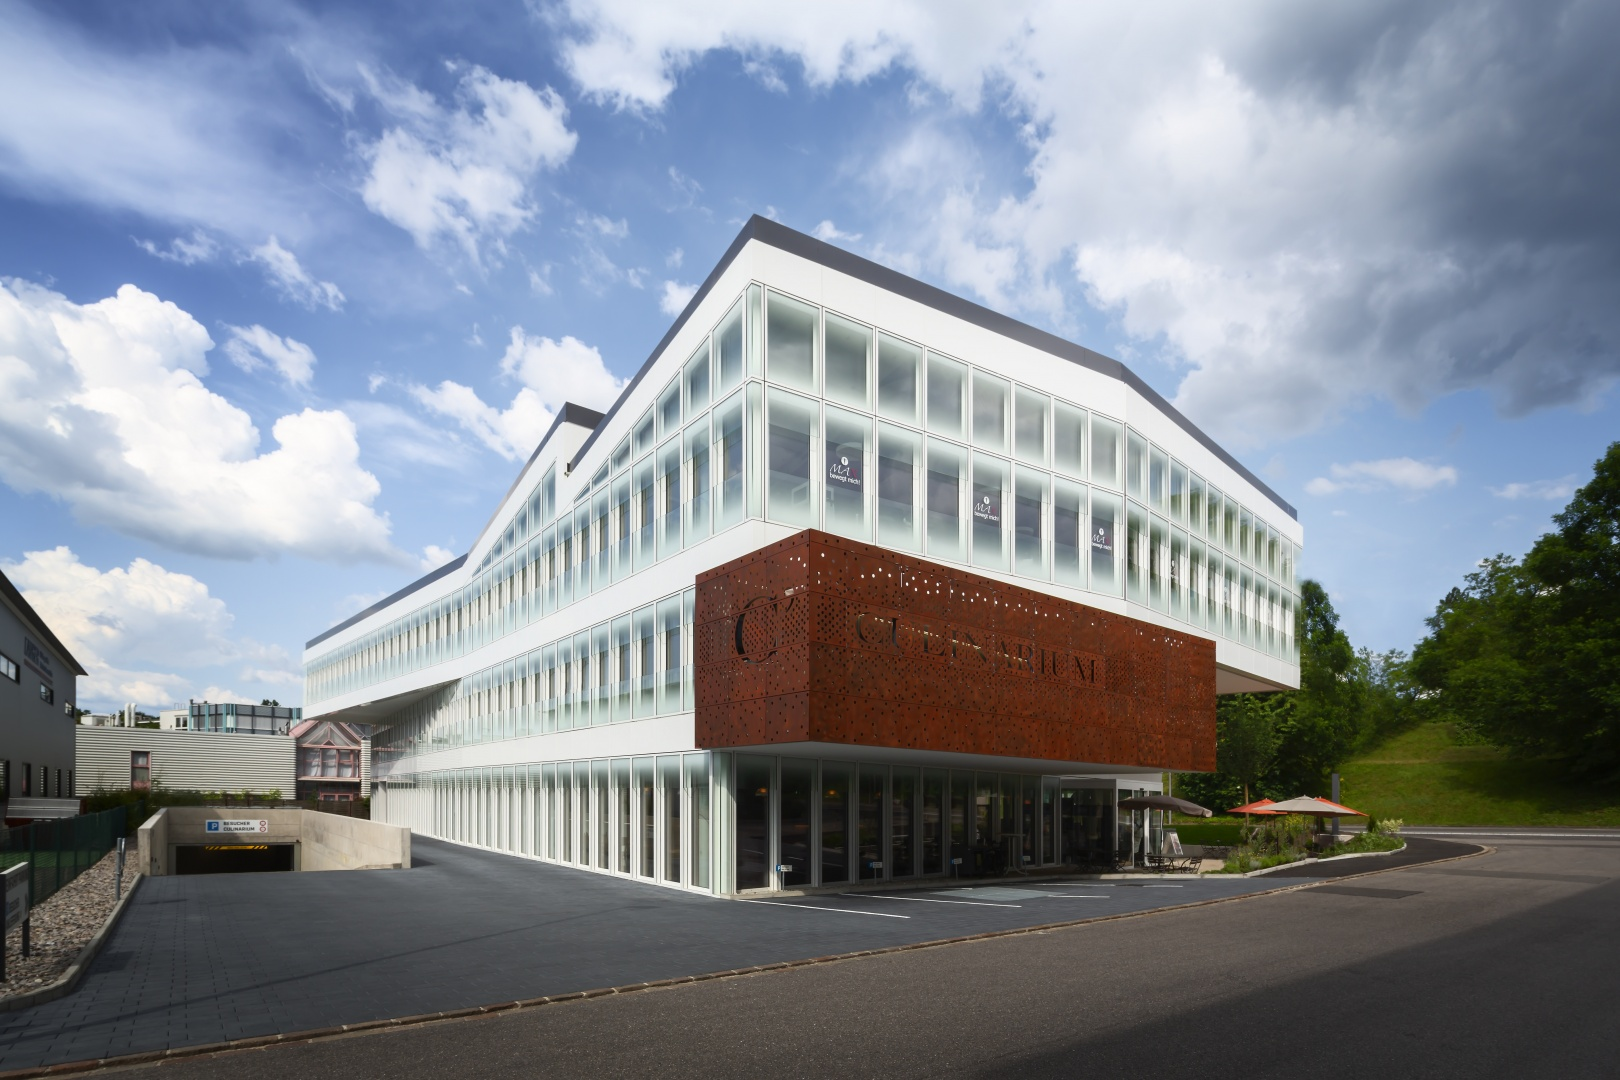 Anlieferung © Fox Wälle Architekten SIA GmbH, Arlesheim